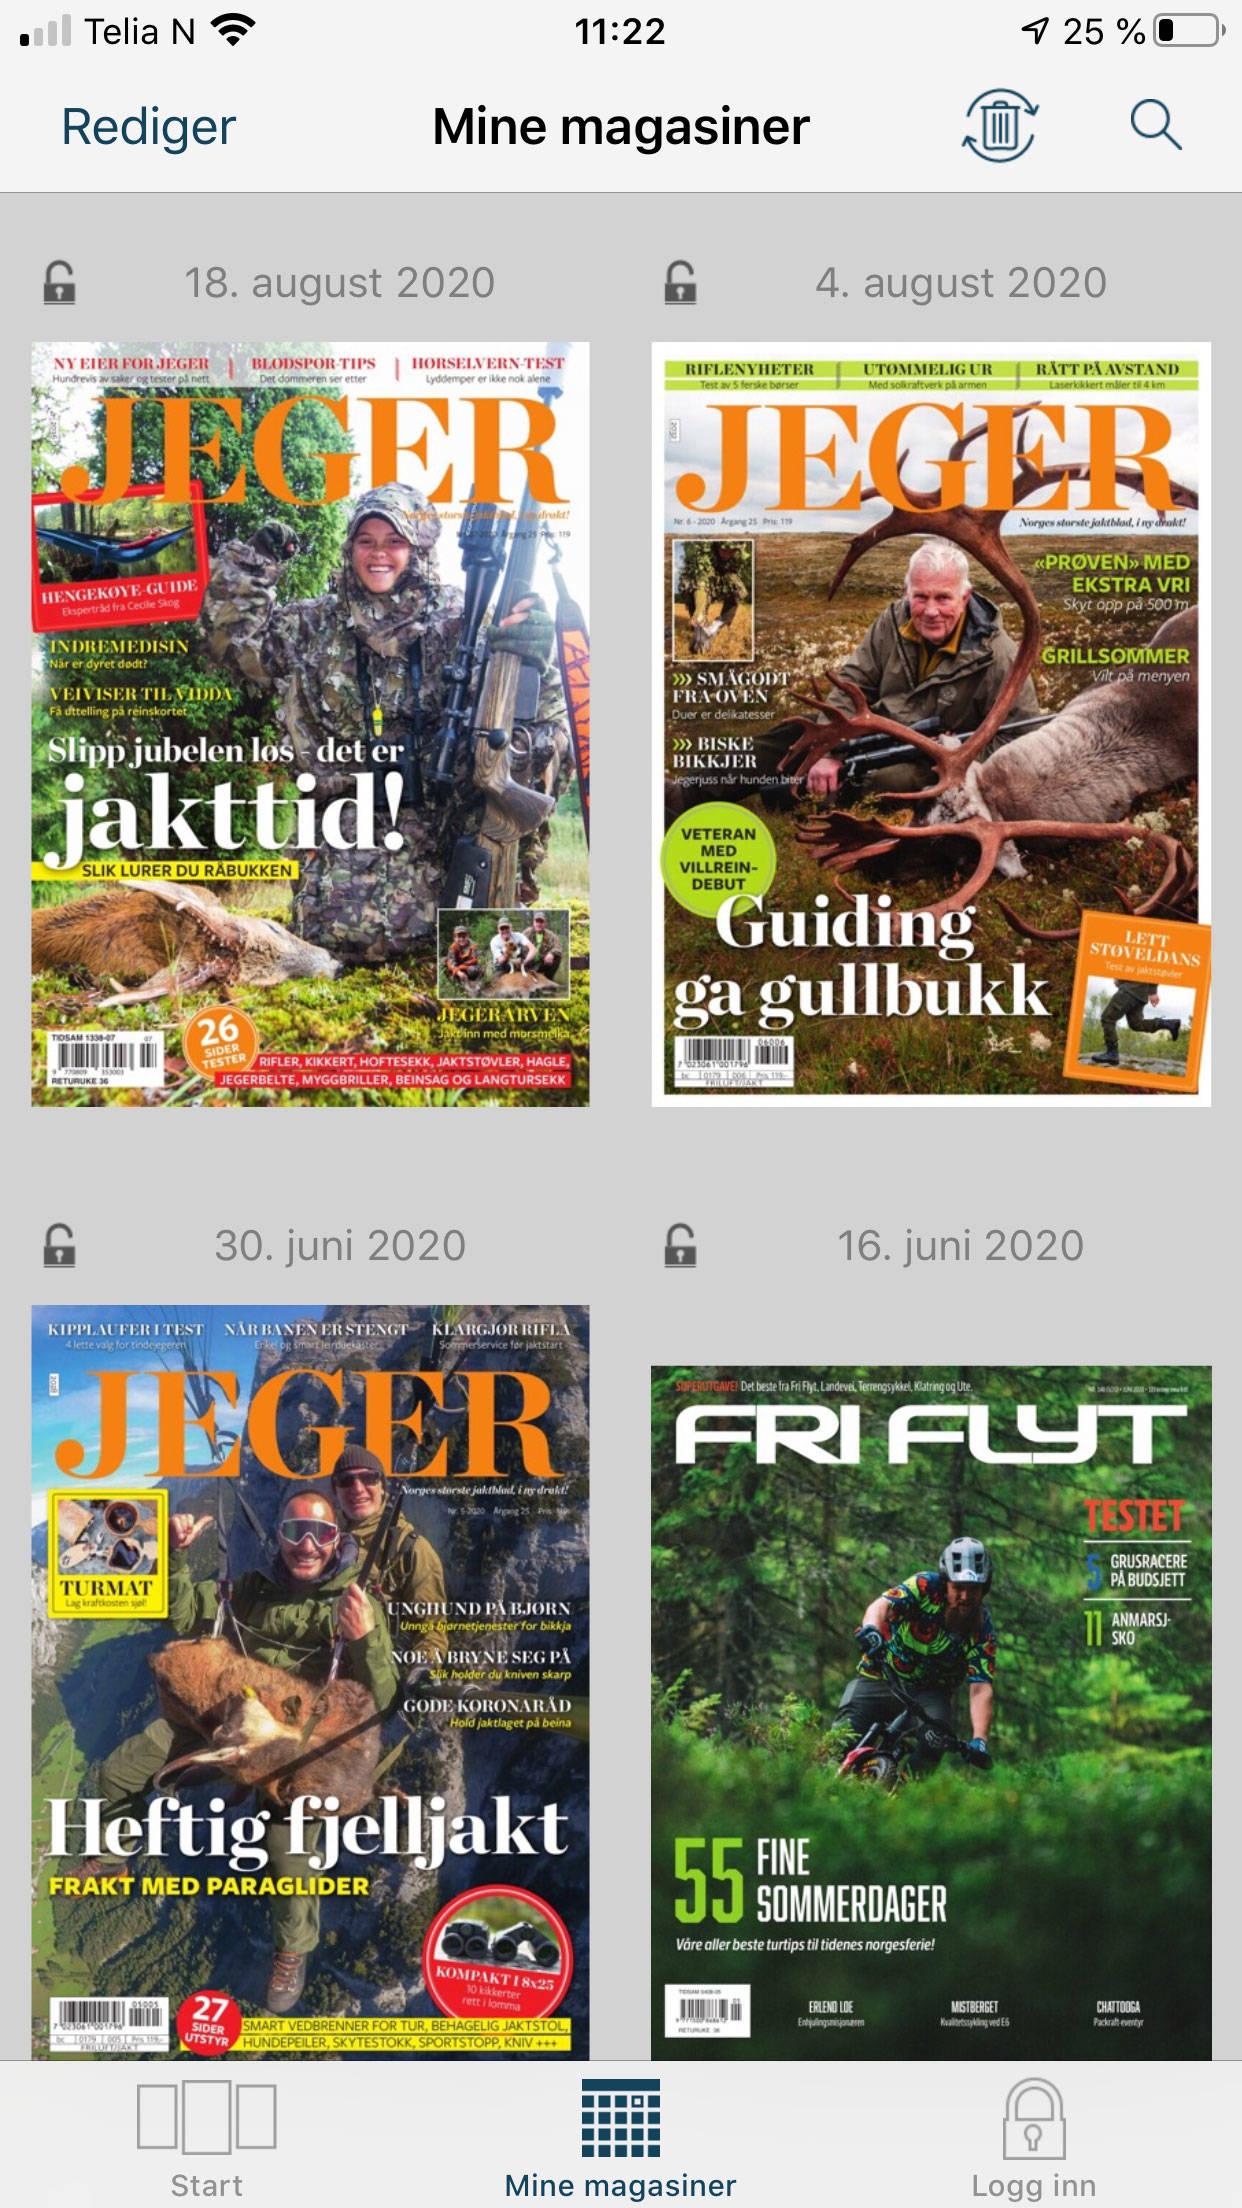 JEGER cover emagasin app